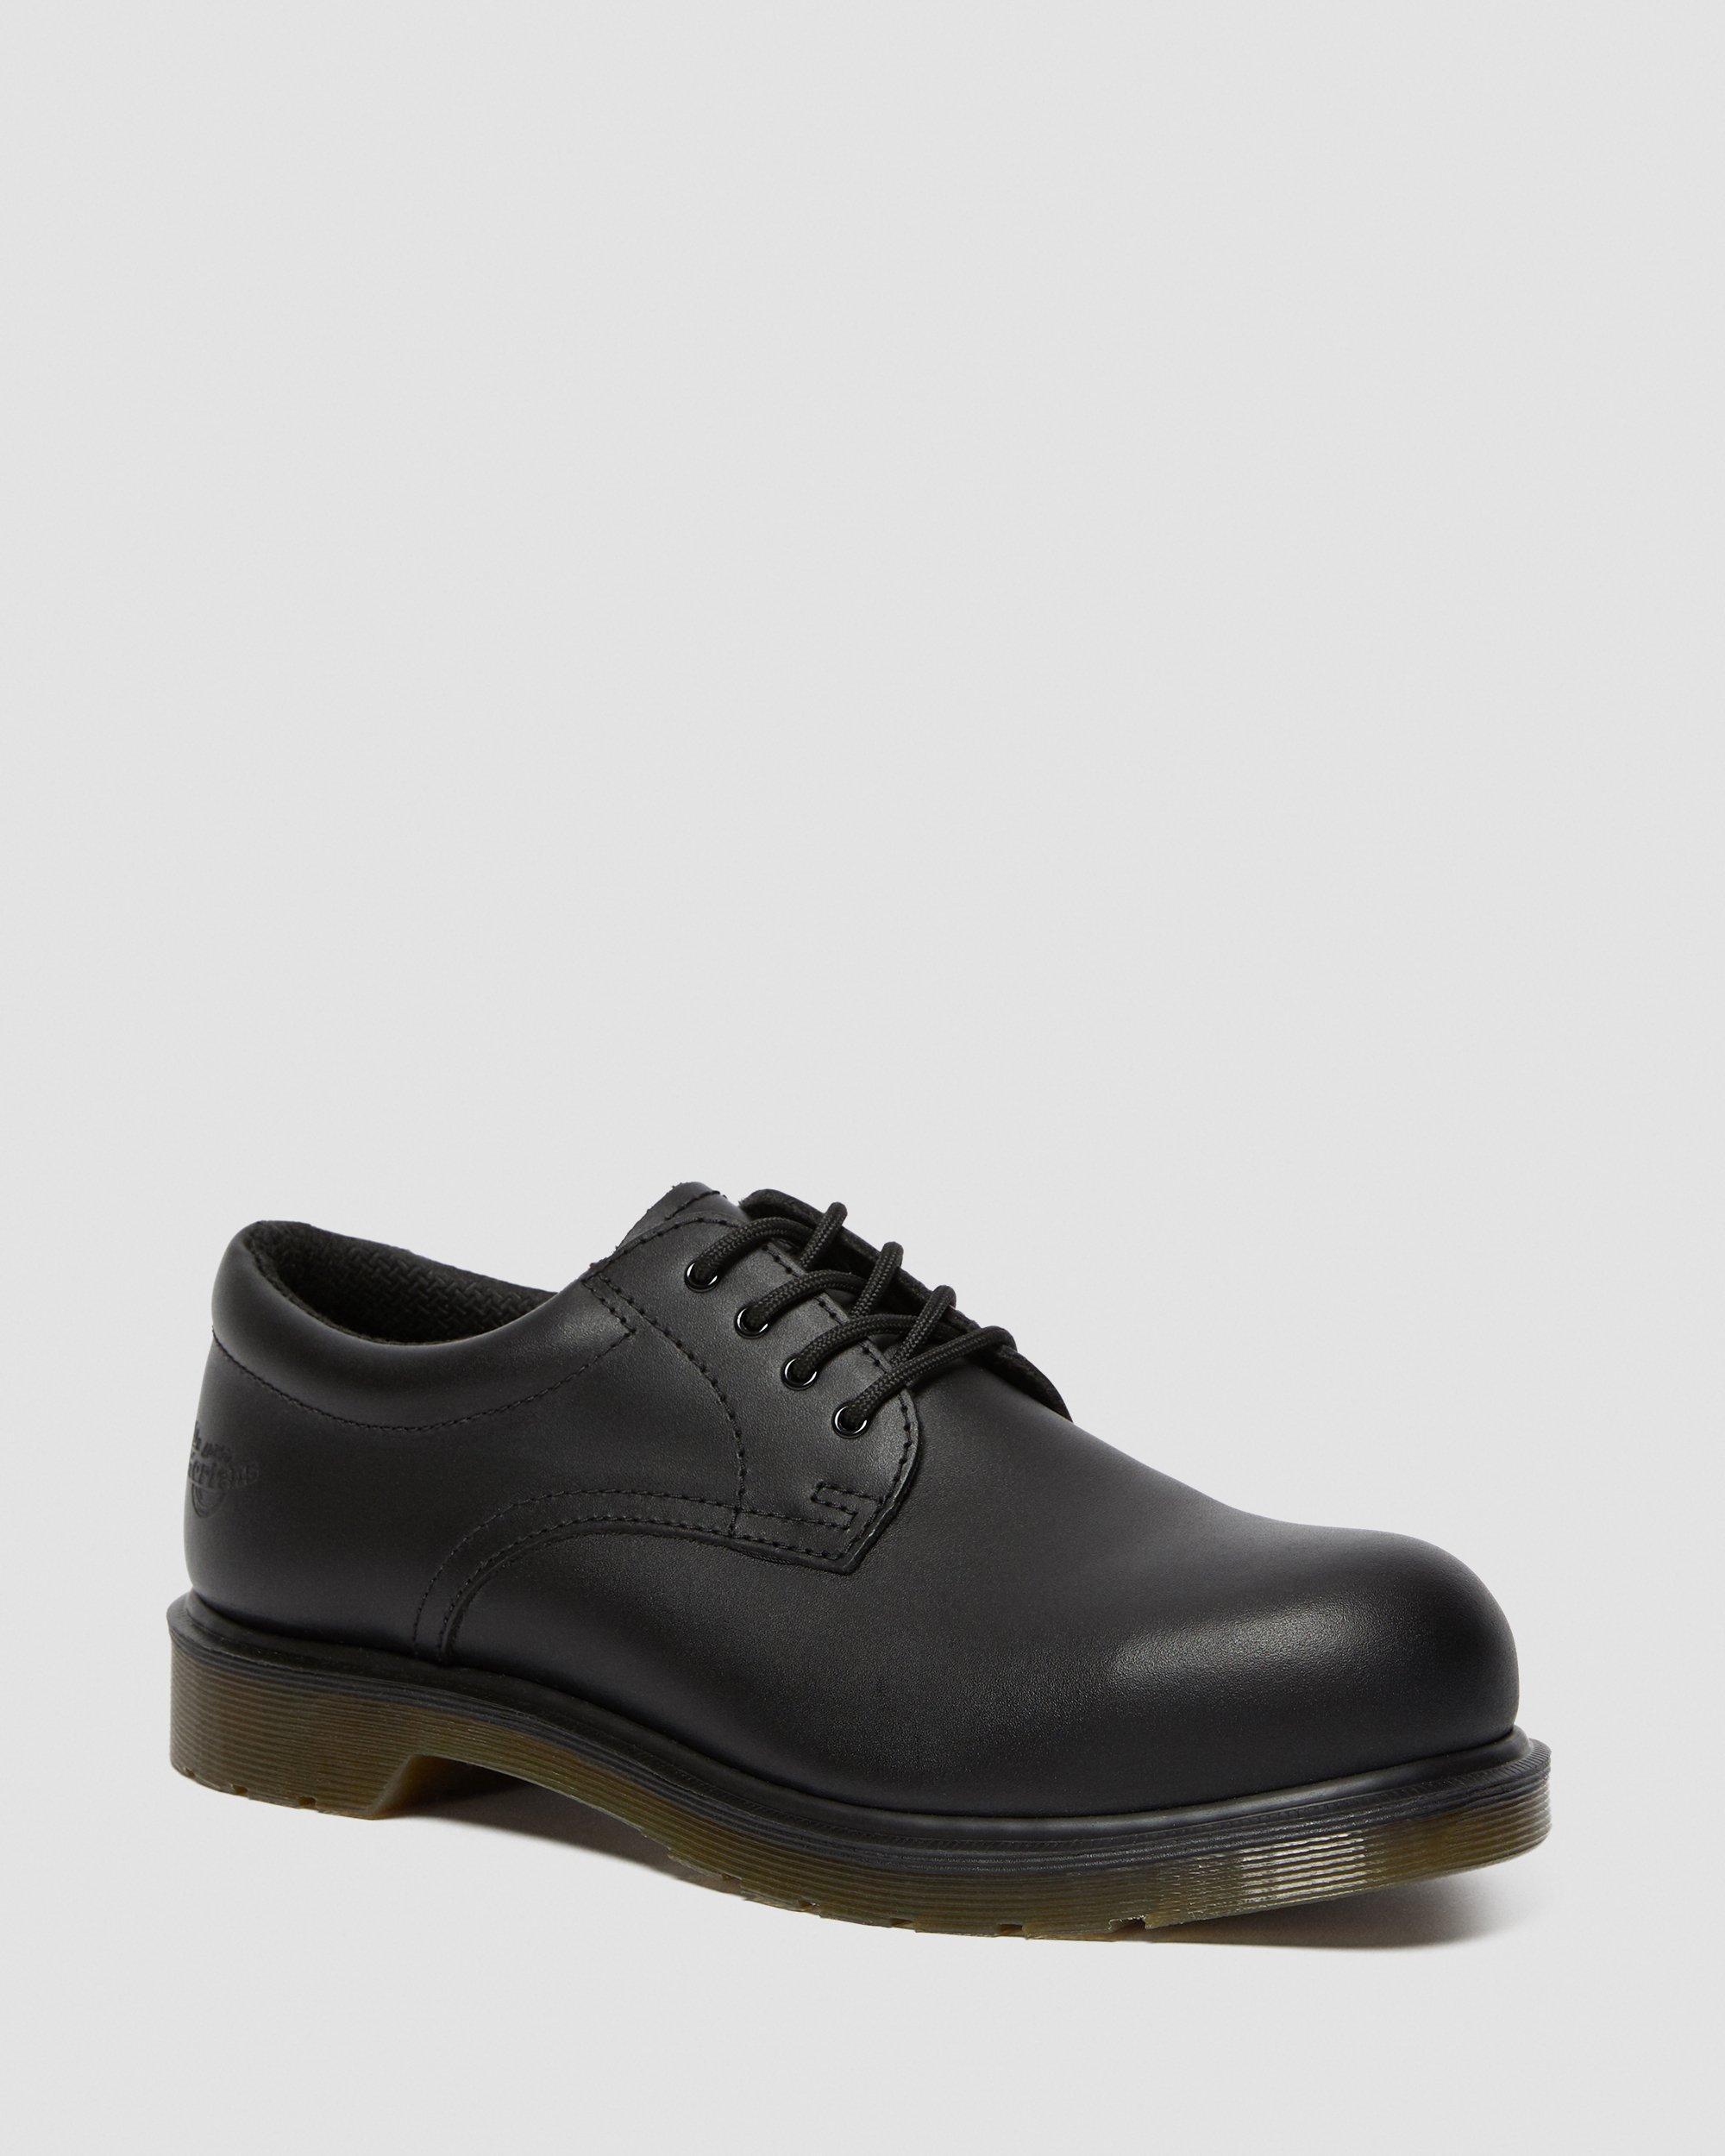 2216 PW | Chaussures de sécurité antidérapantes SRA | Boots